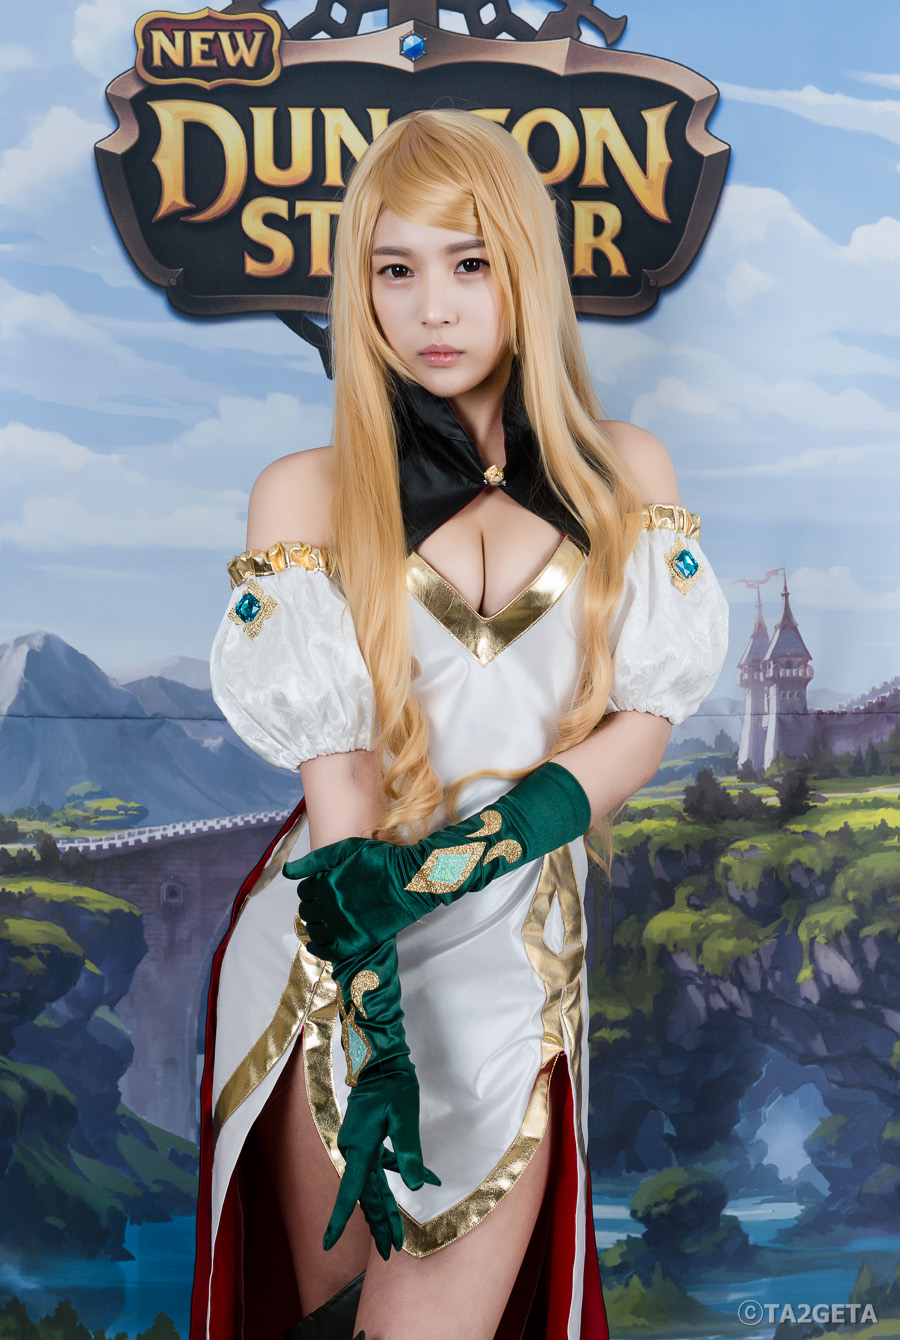 Chảy máu mũi với cosplay New Dungeon Striker - Ảnh 8